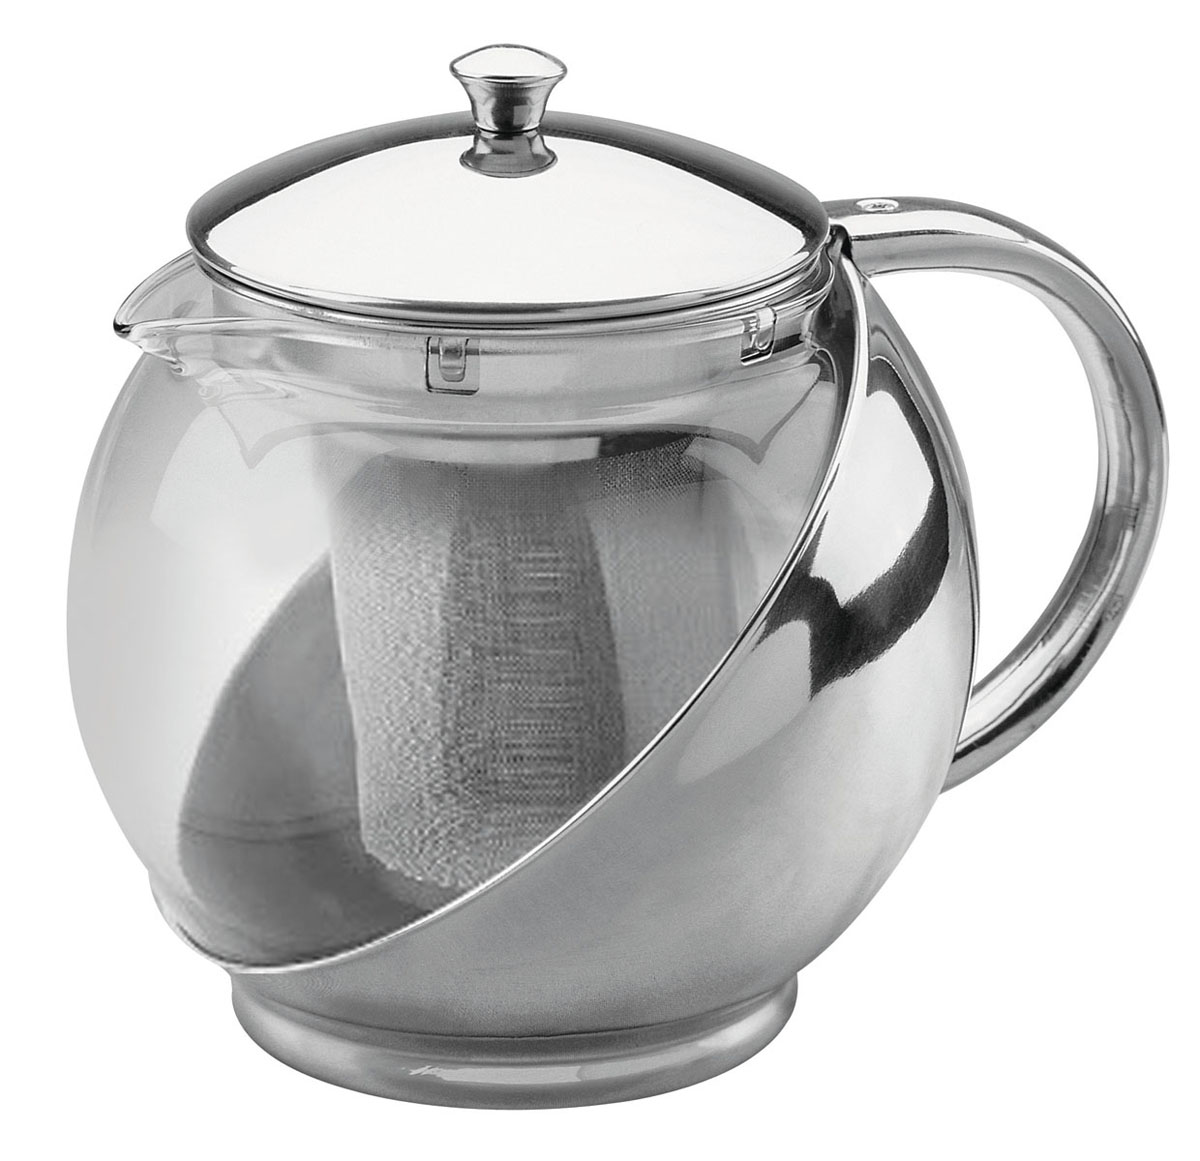 Чайник заварочный Bekker, 950 мл. BK-303BK-303Заварочный чайник Bekker с крышкой, ручкой из нержавеющей стали и металлическим ситечком внутри имеет прекрасный внешний вид. В нем Вы можете приготовить вкусный и ароматный чай. Заварочный чайник займет достойное место на вашей кухне. Современный дизайн полностью соответствует последним модным тенденциям всоздании предметов бытовой техники. Характеристики:Материал:нержавеющая сталь, стекло. Объем: 0,95 л. Высота чайника: 12 см. Размер упаковки: 16,5 см х 14 см х 12 см. Артикул: BK-303.